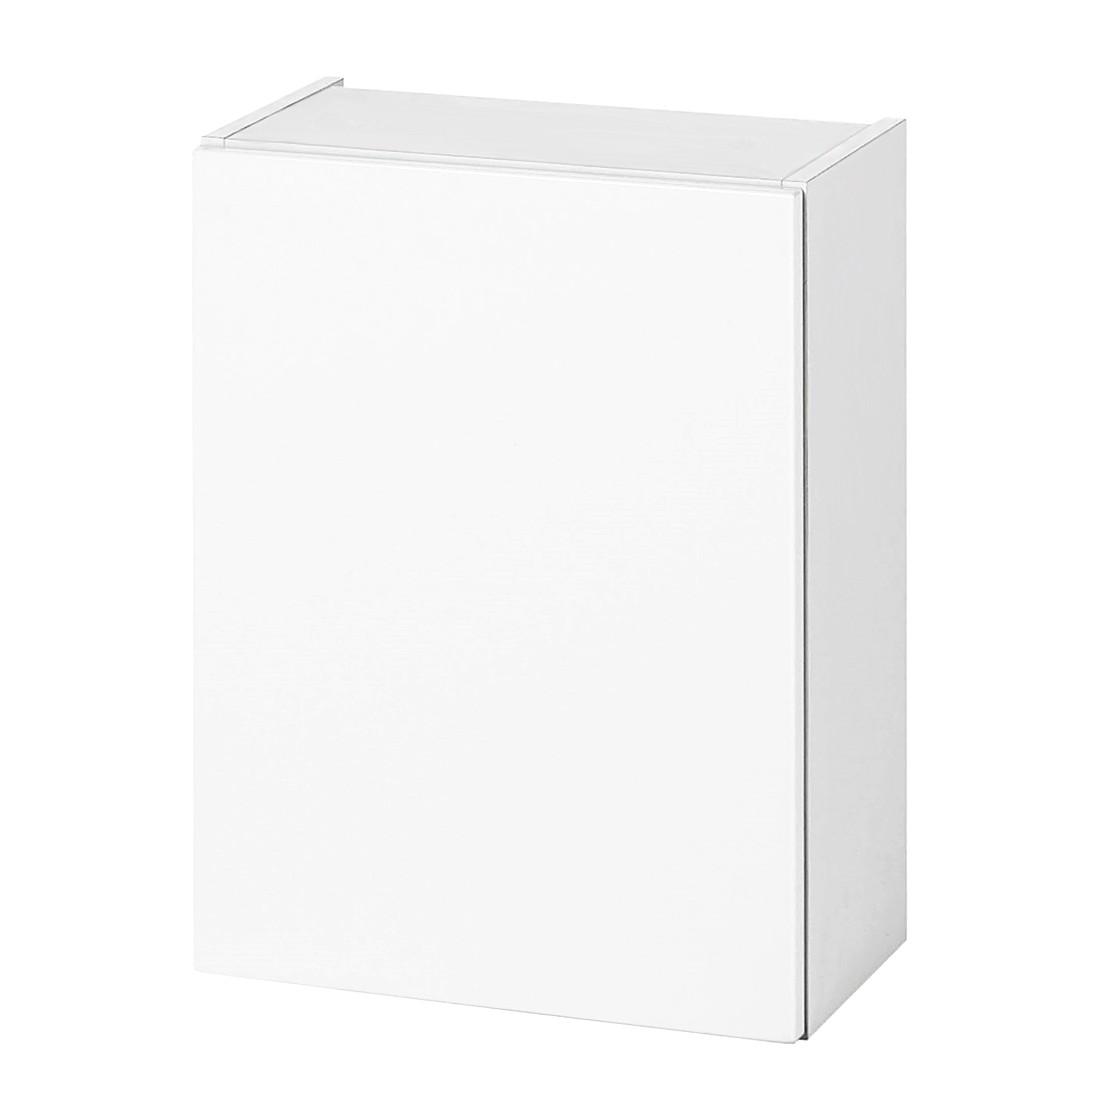 Ikea Badkamer Hangkastjes – devolonter.info